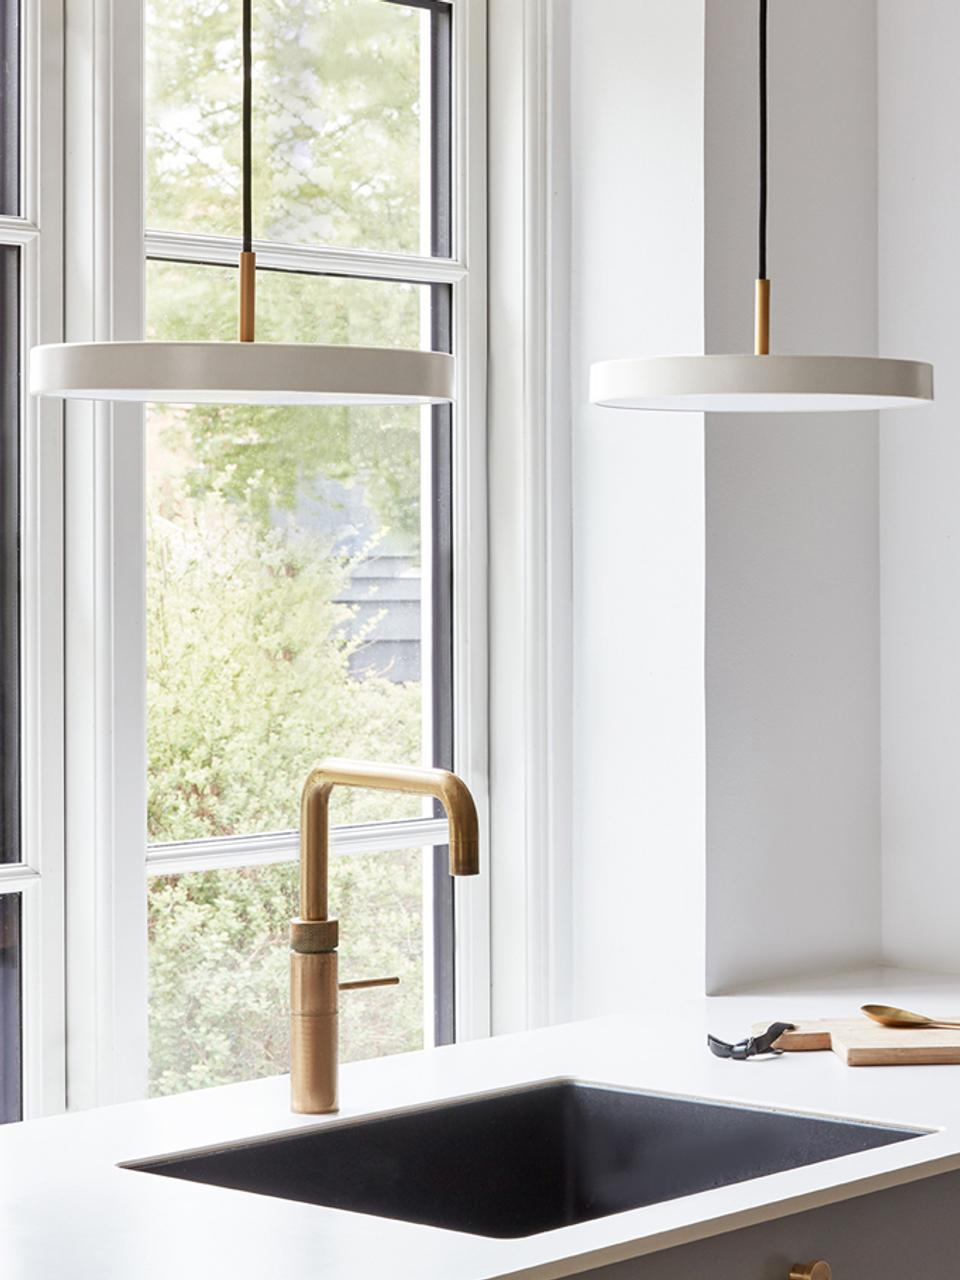 Lampada a sospensione a LED di design Asteria, Paralume: alluminio verniciato, Bianco perlato, colore oro, Ø 43 x Alt. 15 cm